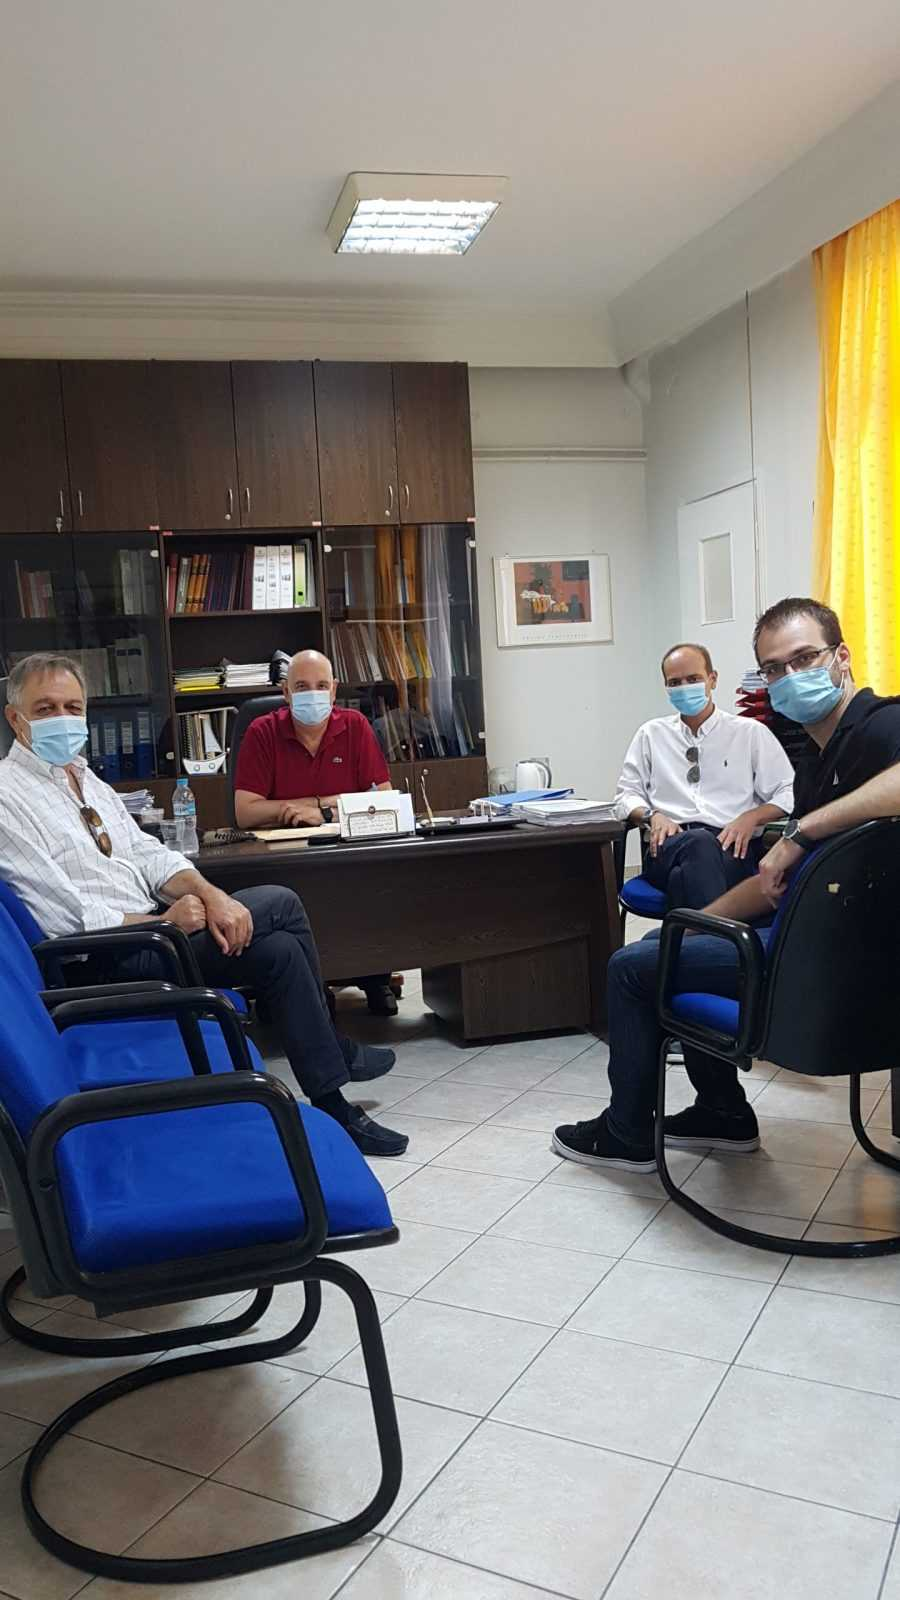 Το Κίνημα Αλλαγής στηρίζει το Ε.Σ.Υ. και τους Ανθρώπους του – Επίσκεψη σε Μαμάτσειο & Μποδοσάκειο Νοσοκομεία